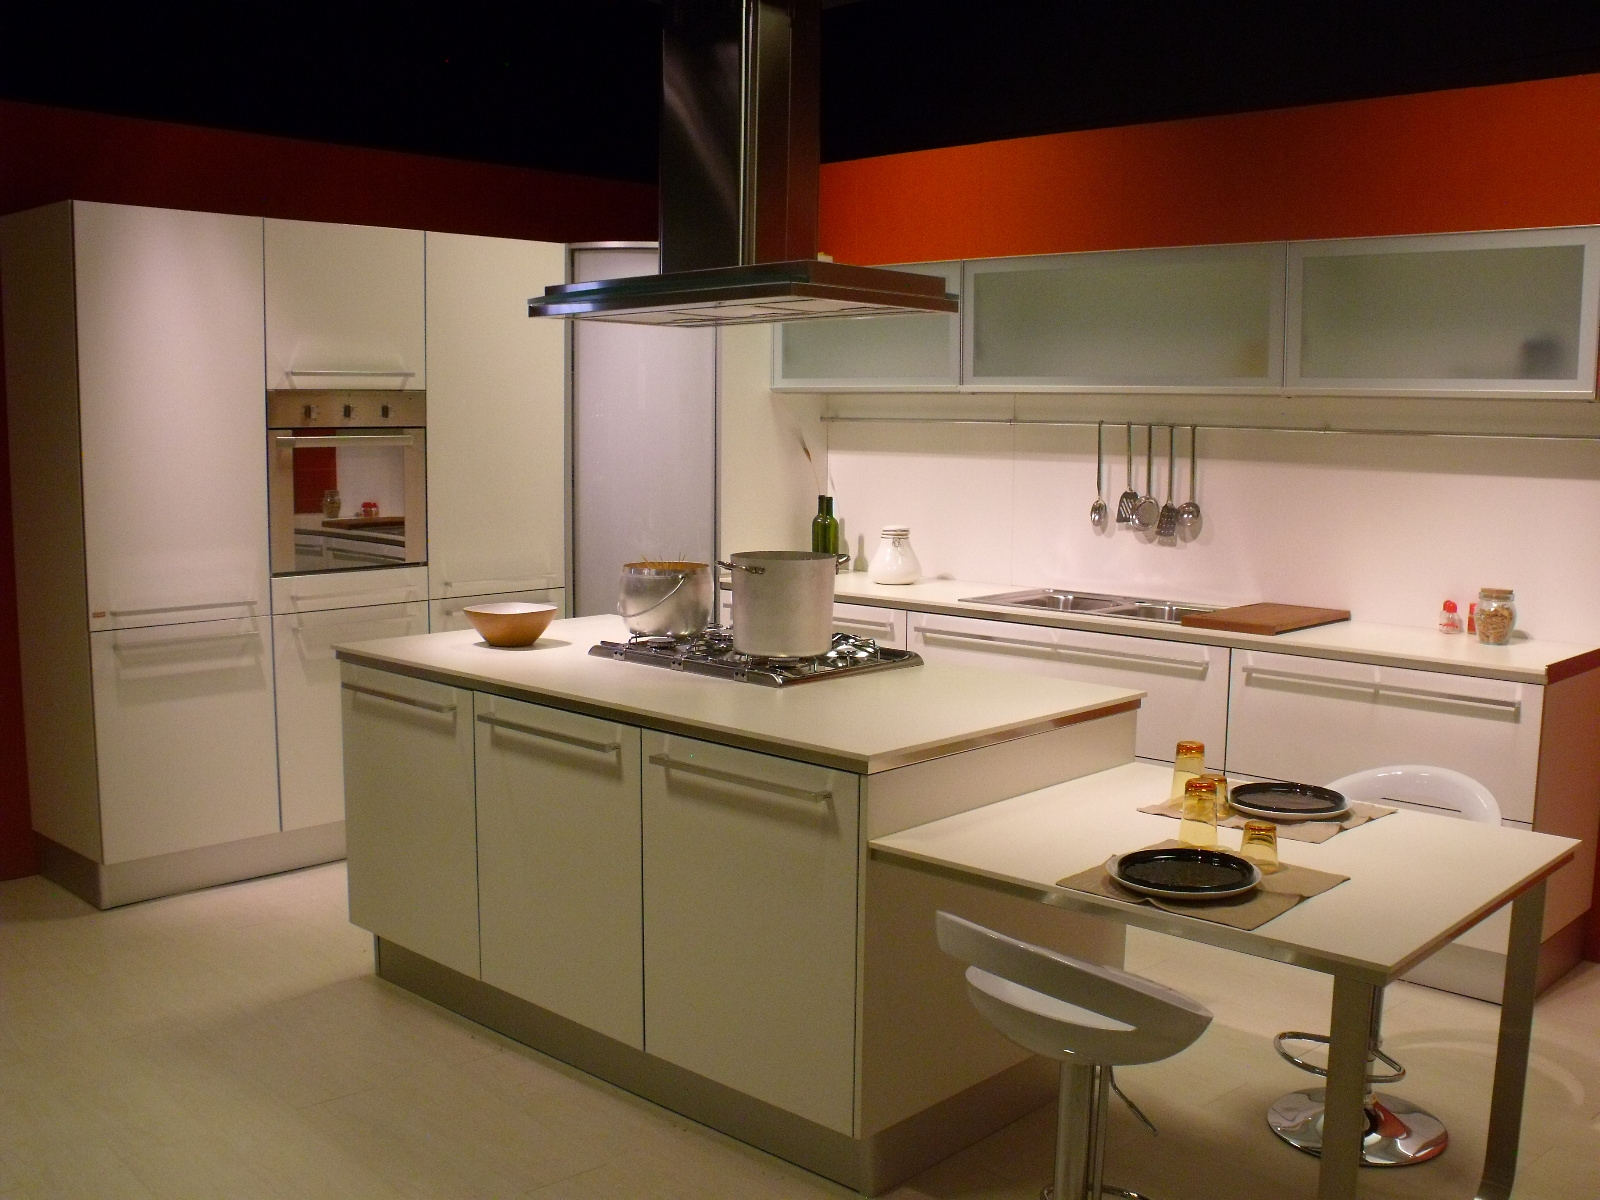 Laminato Bianco Con Bordo Alluminio Top E Schienale In Laminato Bianco #6D371A 1600 1200 Top Cucina In Laminato Opinioni